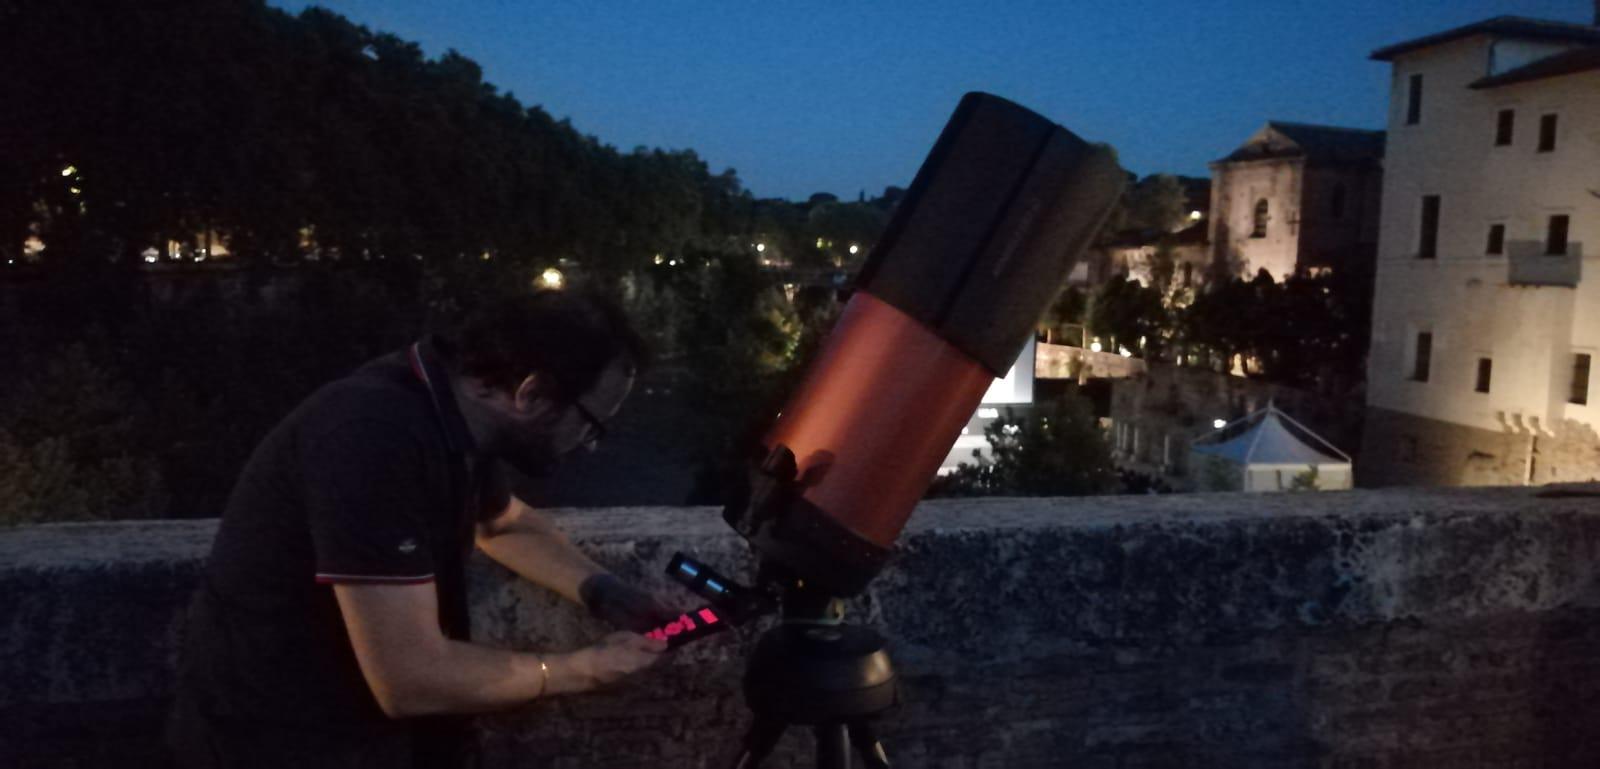 Preparing the telescope